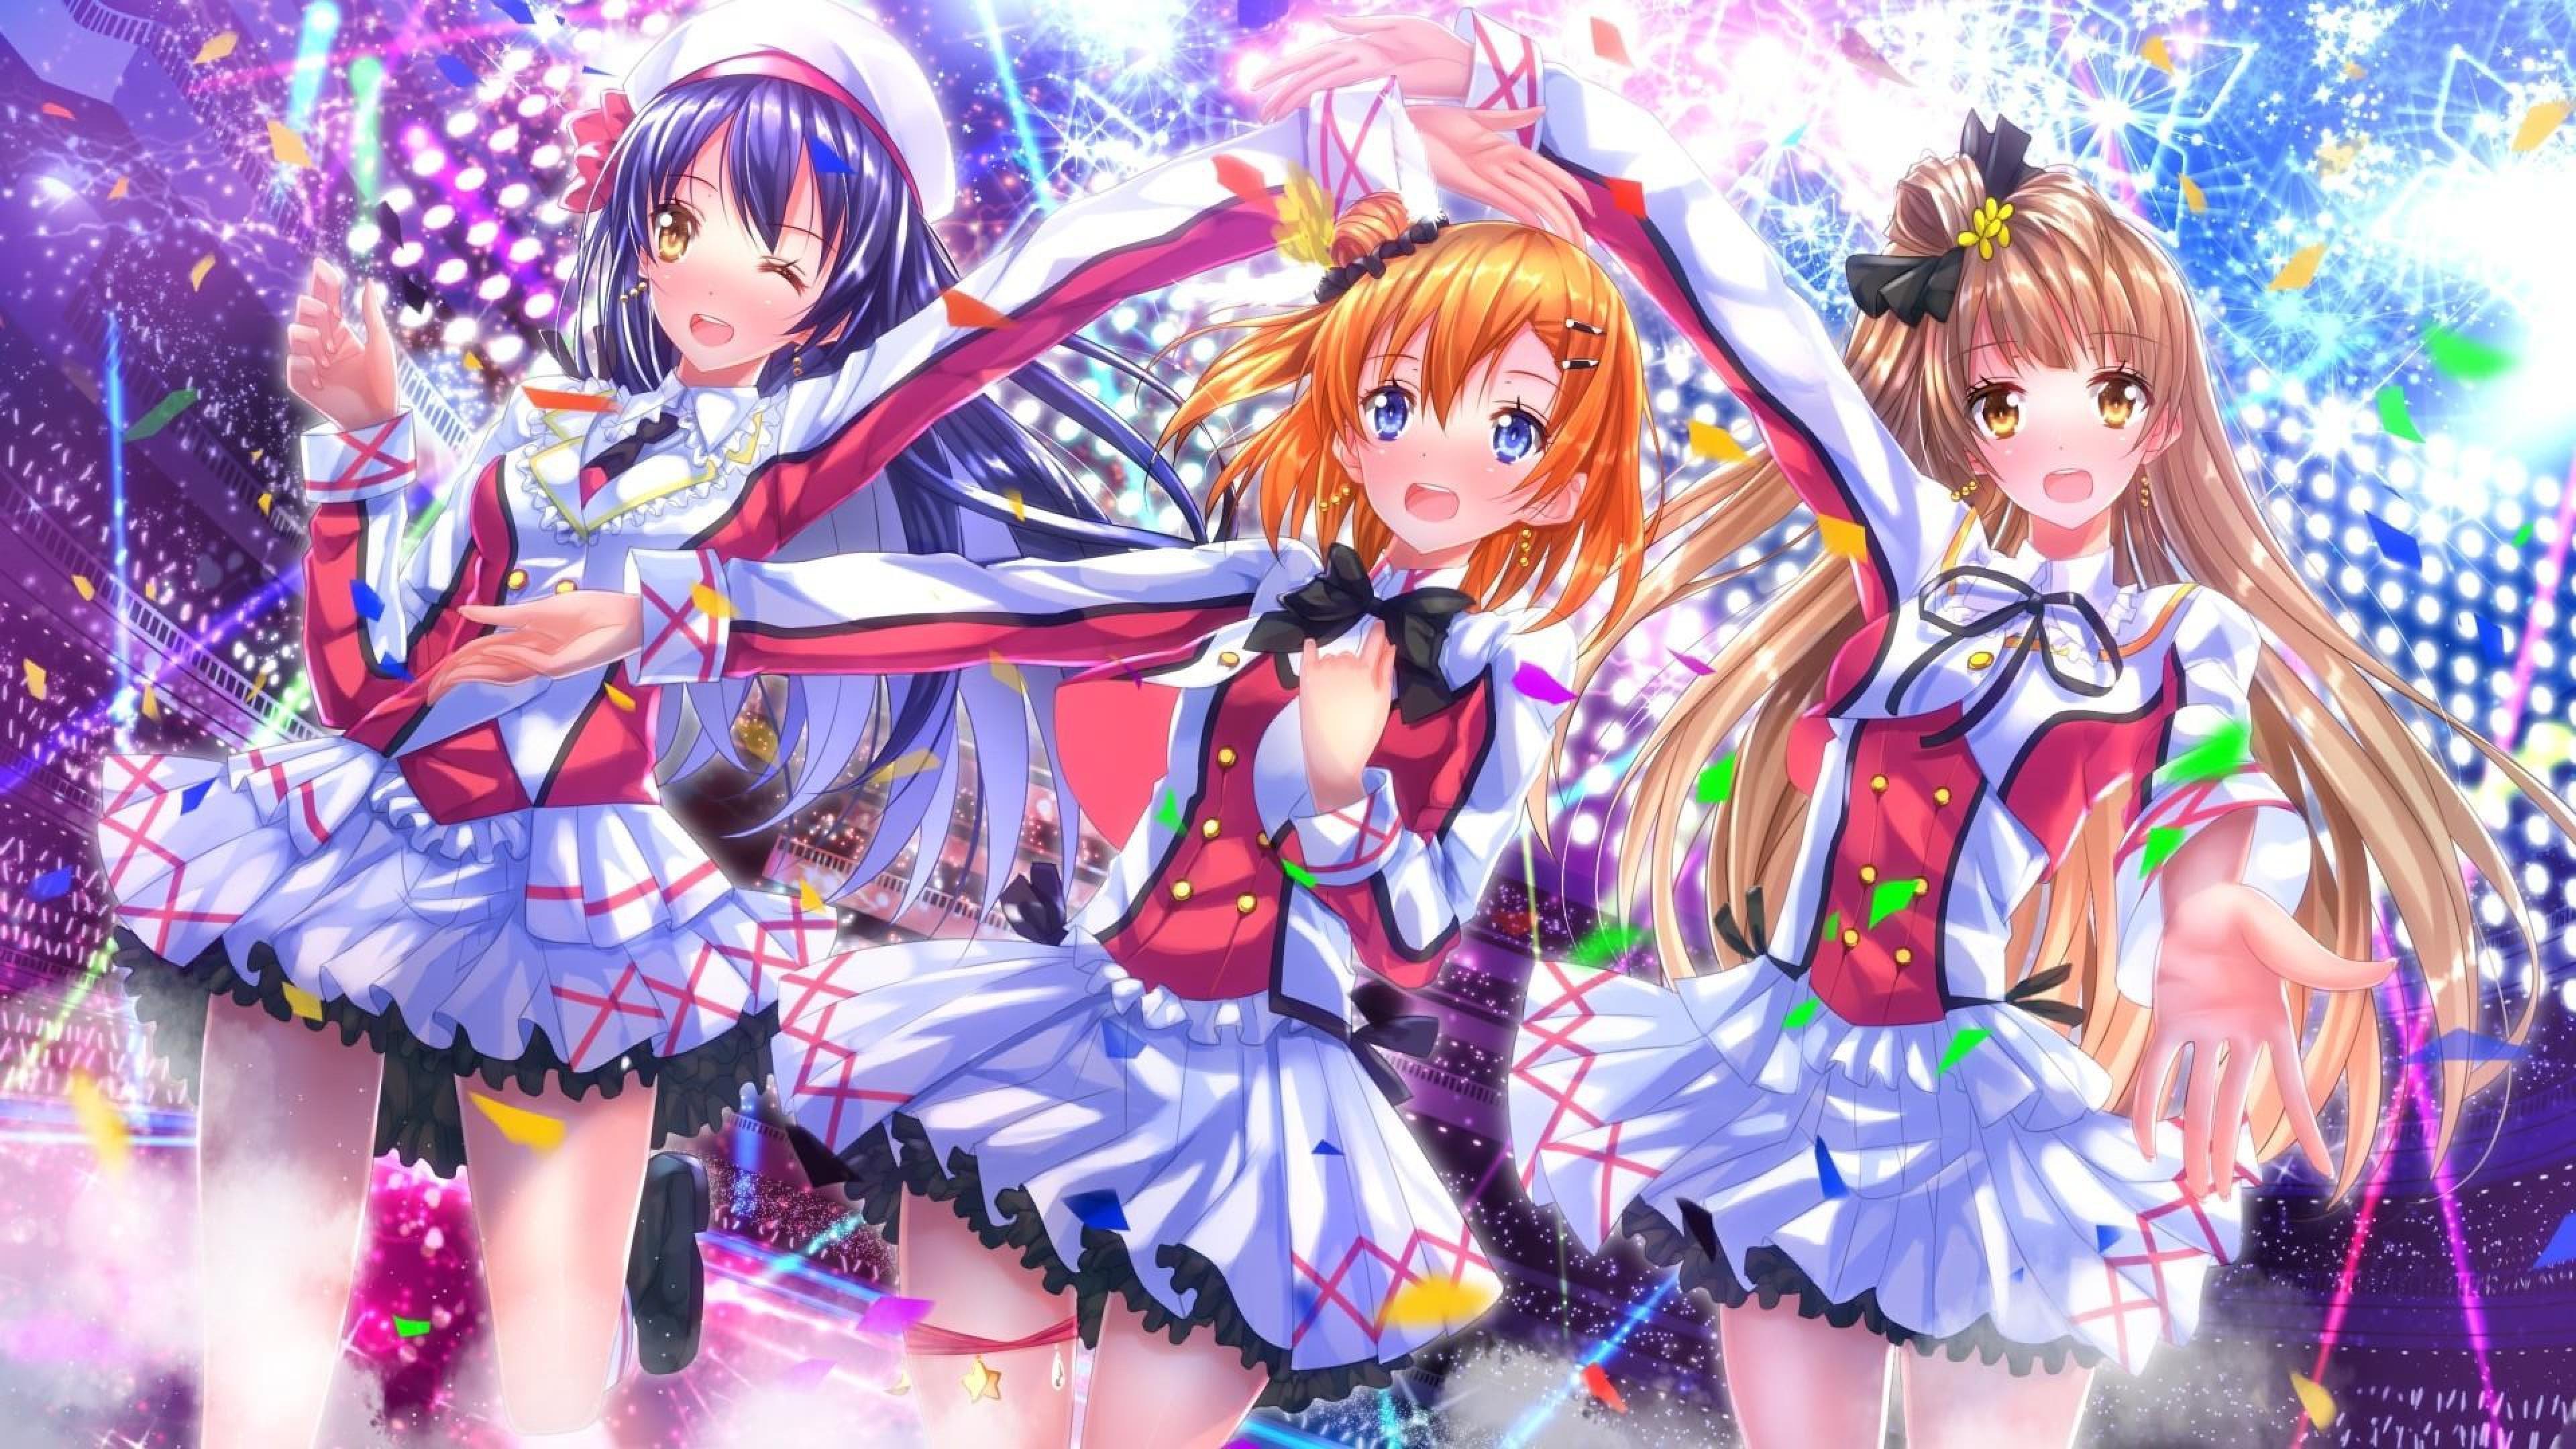 Anime Wallpaper Live | PixelsTalk.Net